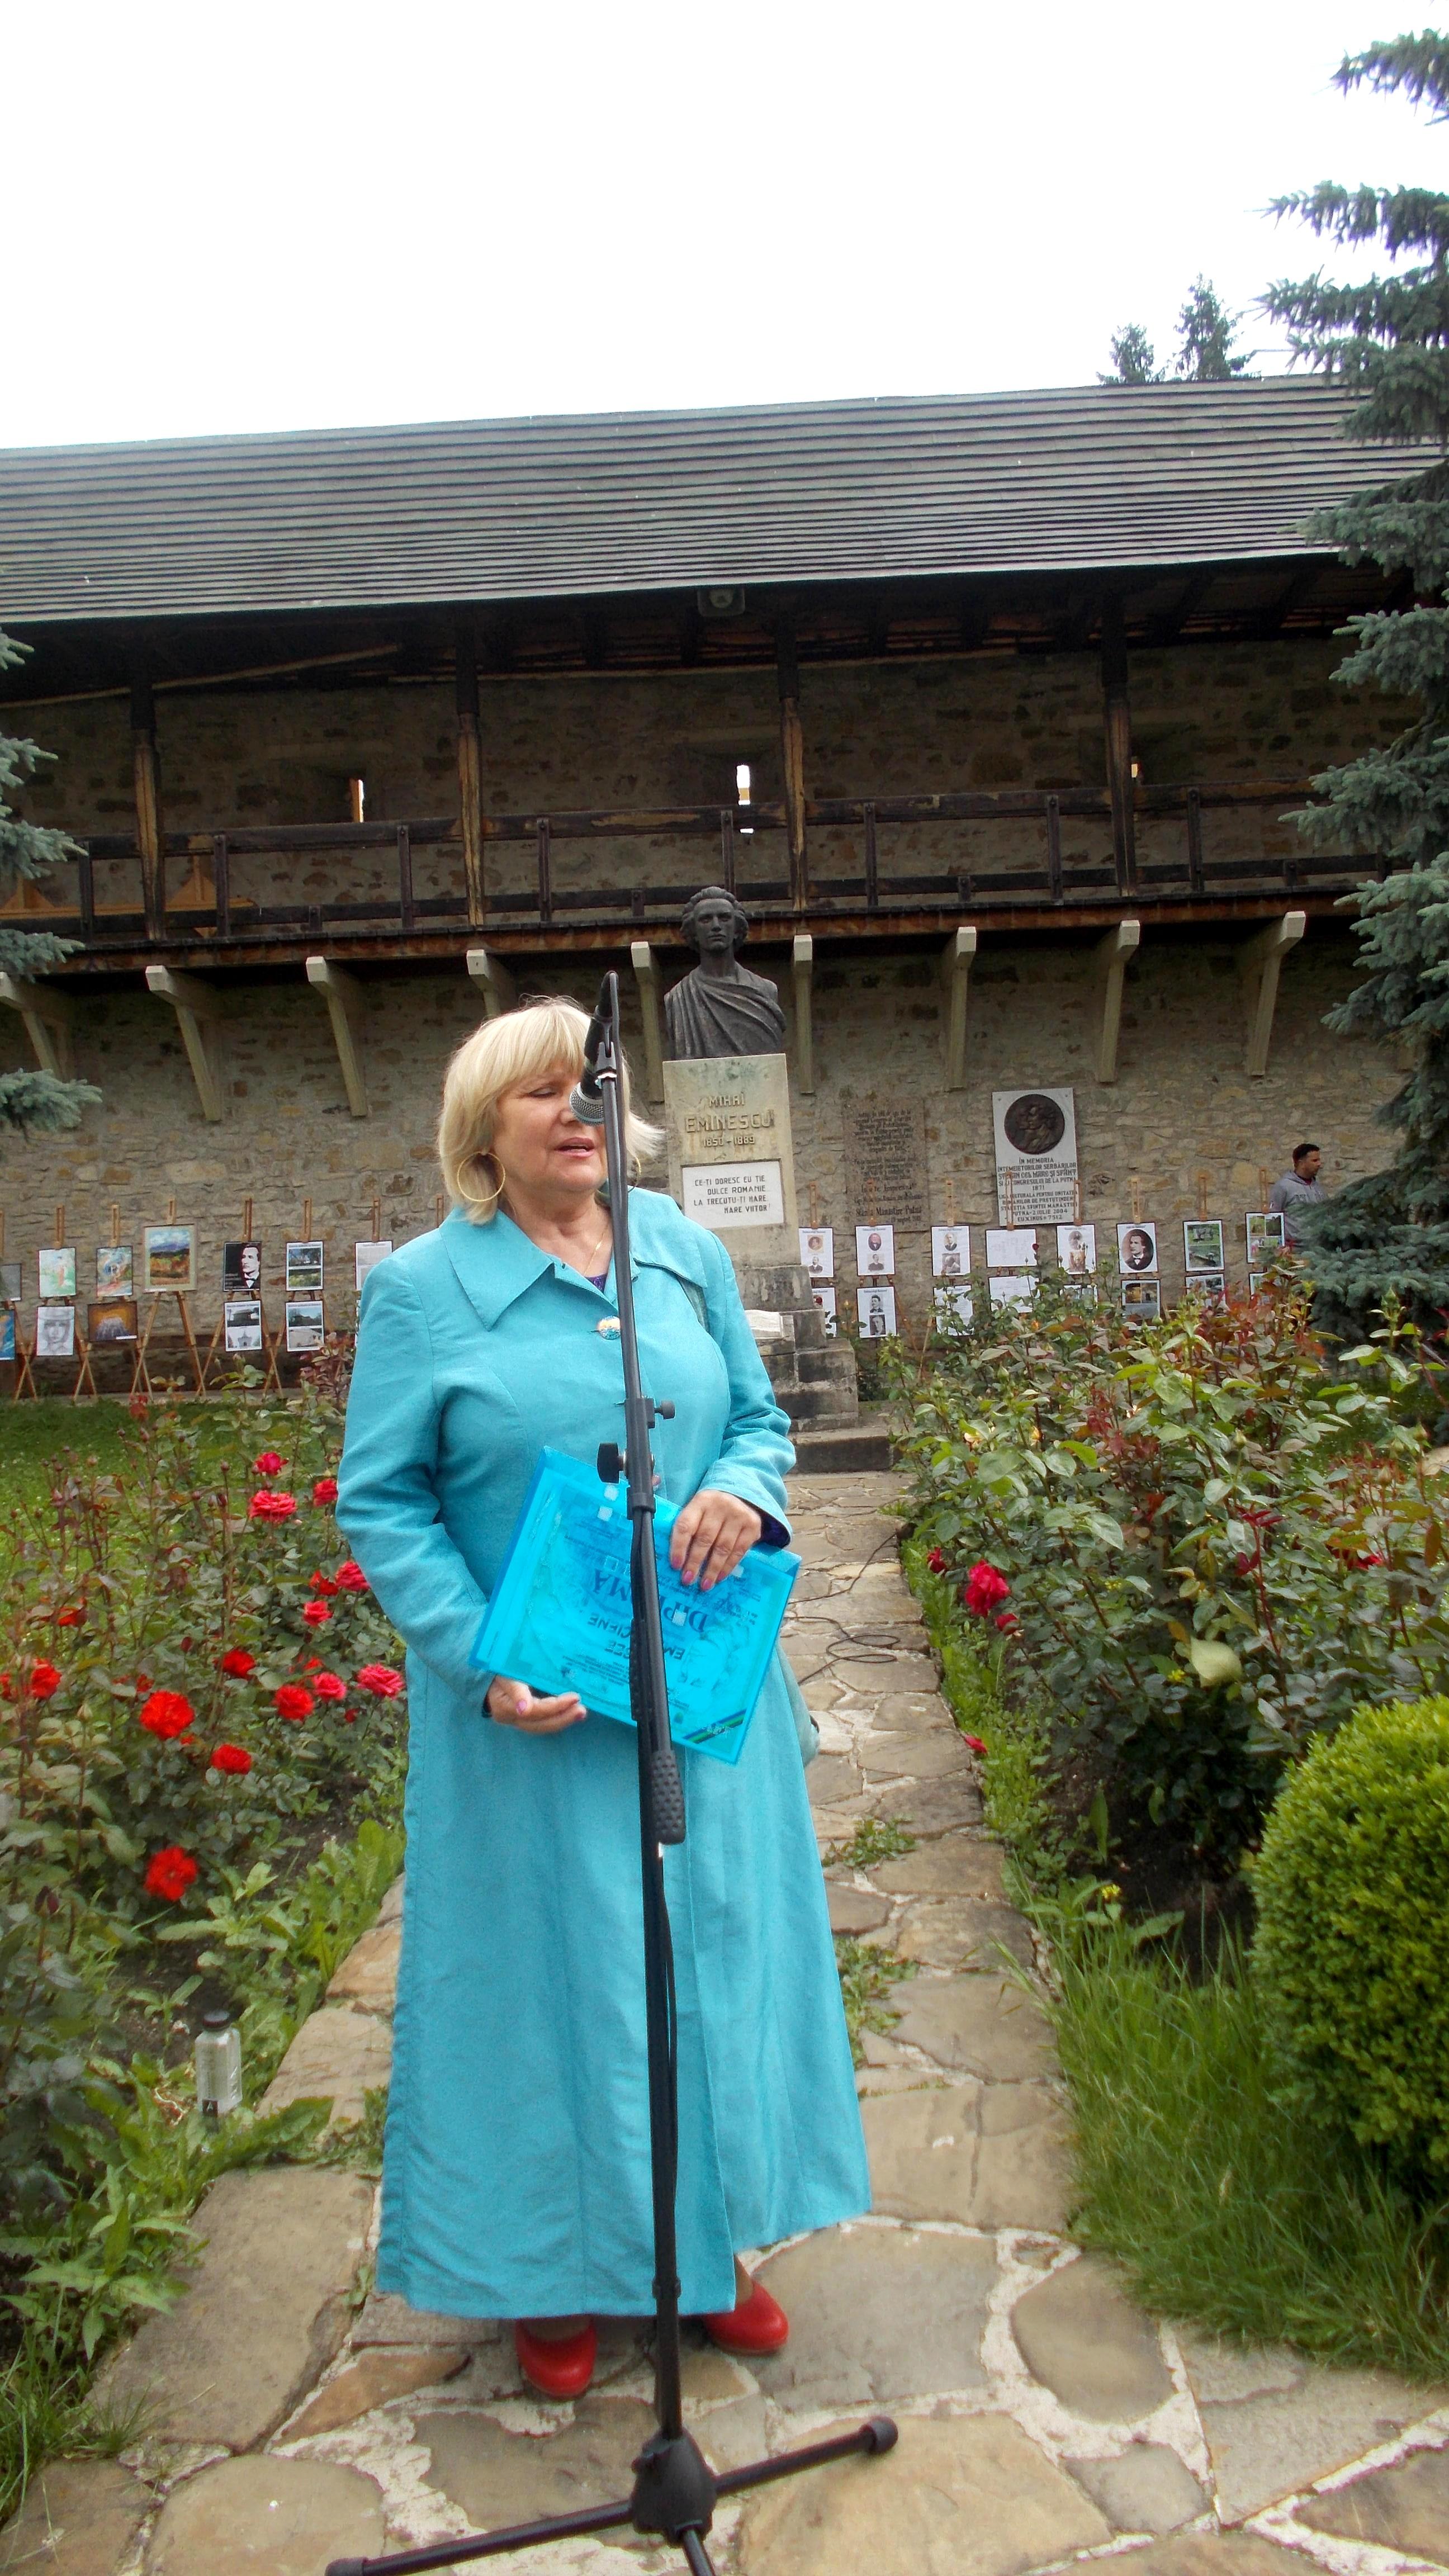 Poetesa şi profesoara Viorica Petrovici, deschizând festivitatea de premiere a recitatorilor